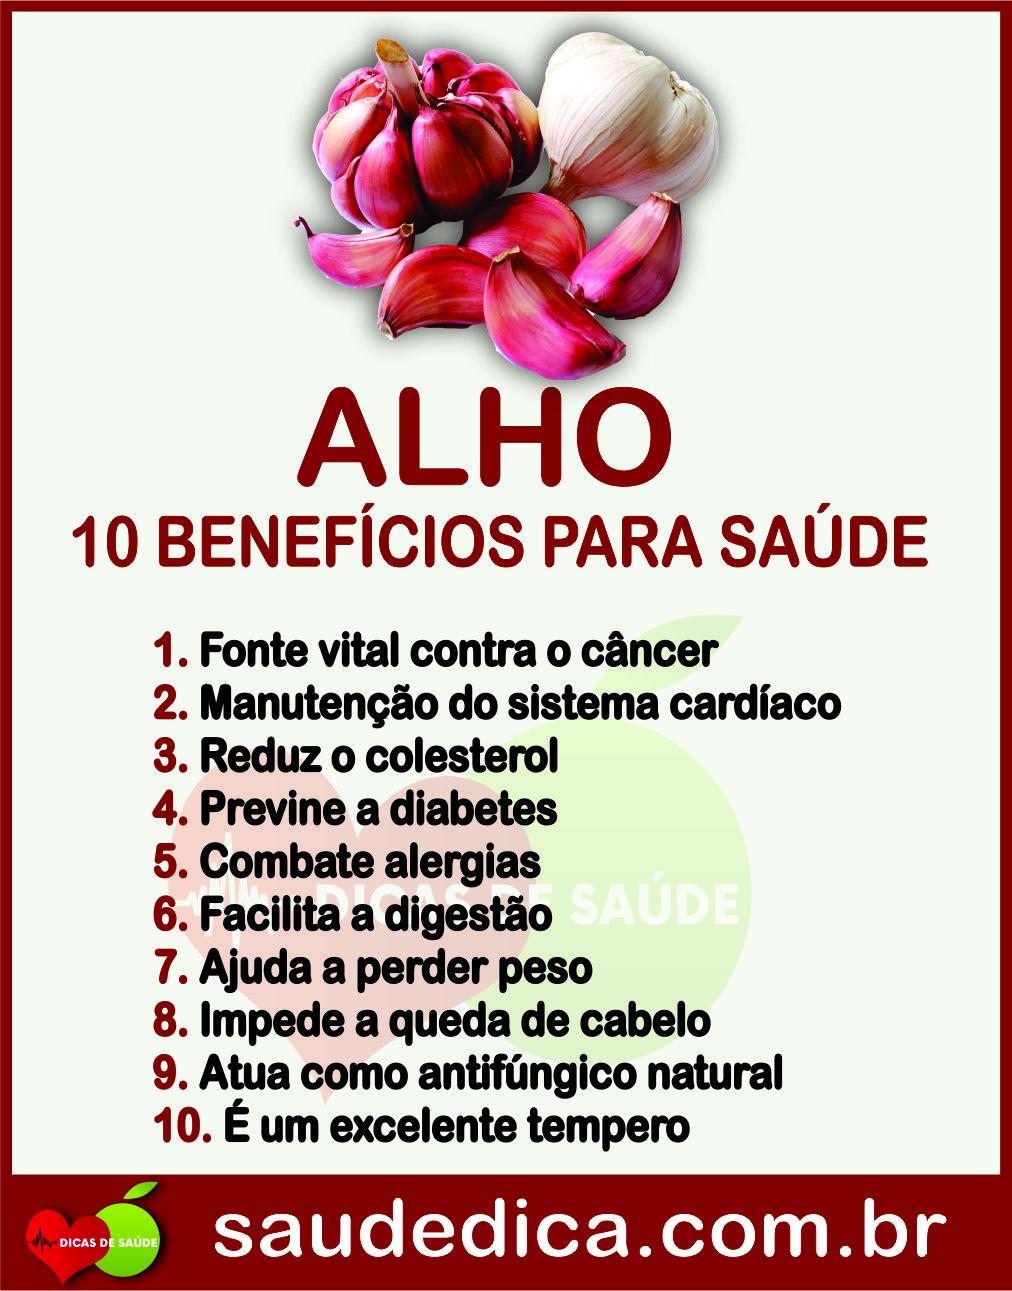 Os 10 Beneficios Do Alho Para Saude Alho Alhobeneficios